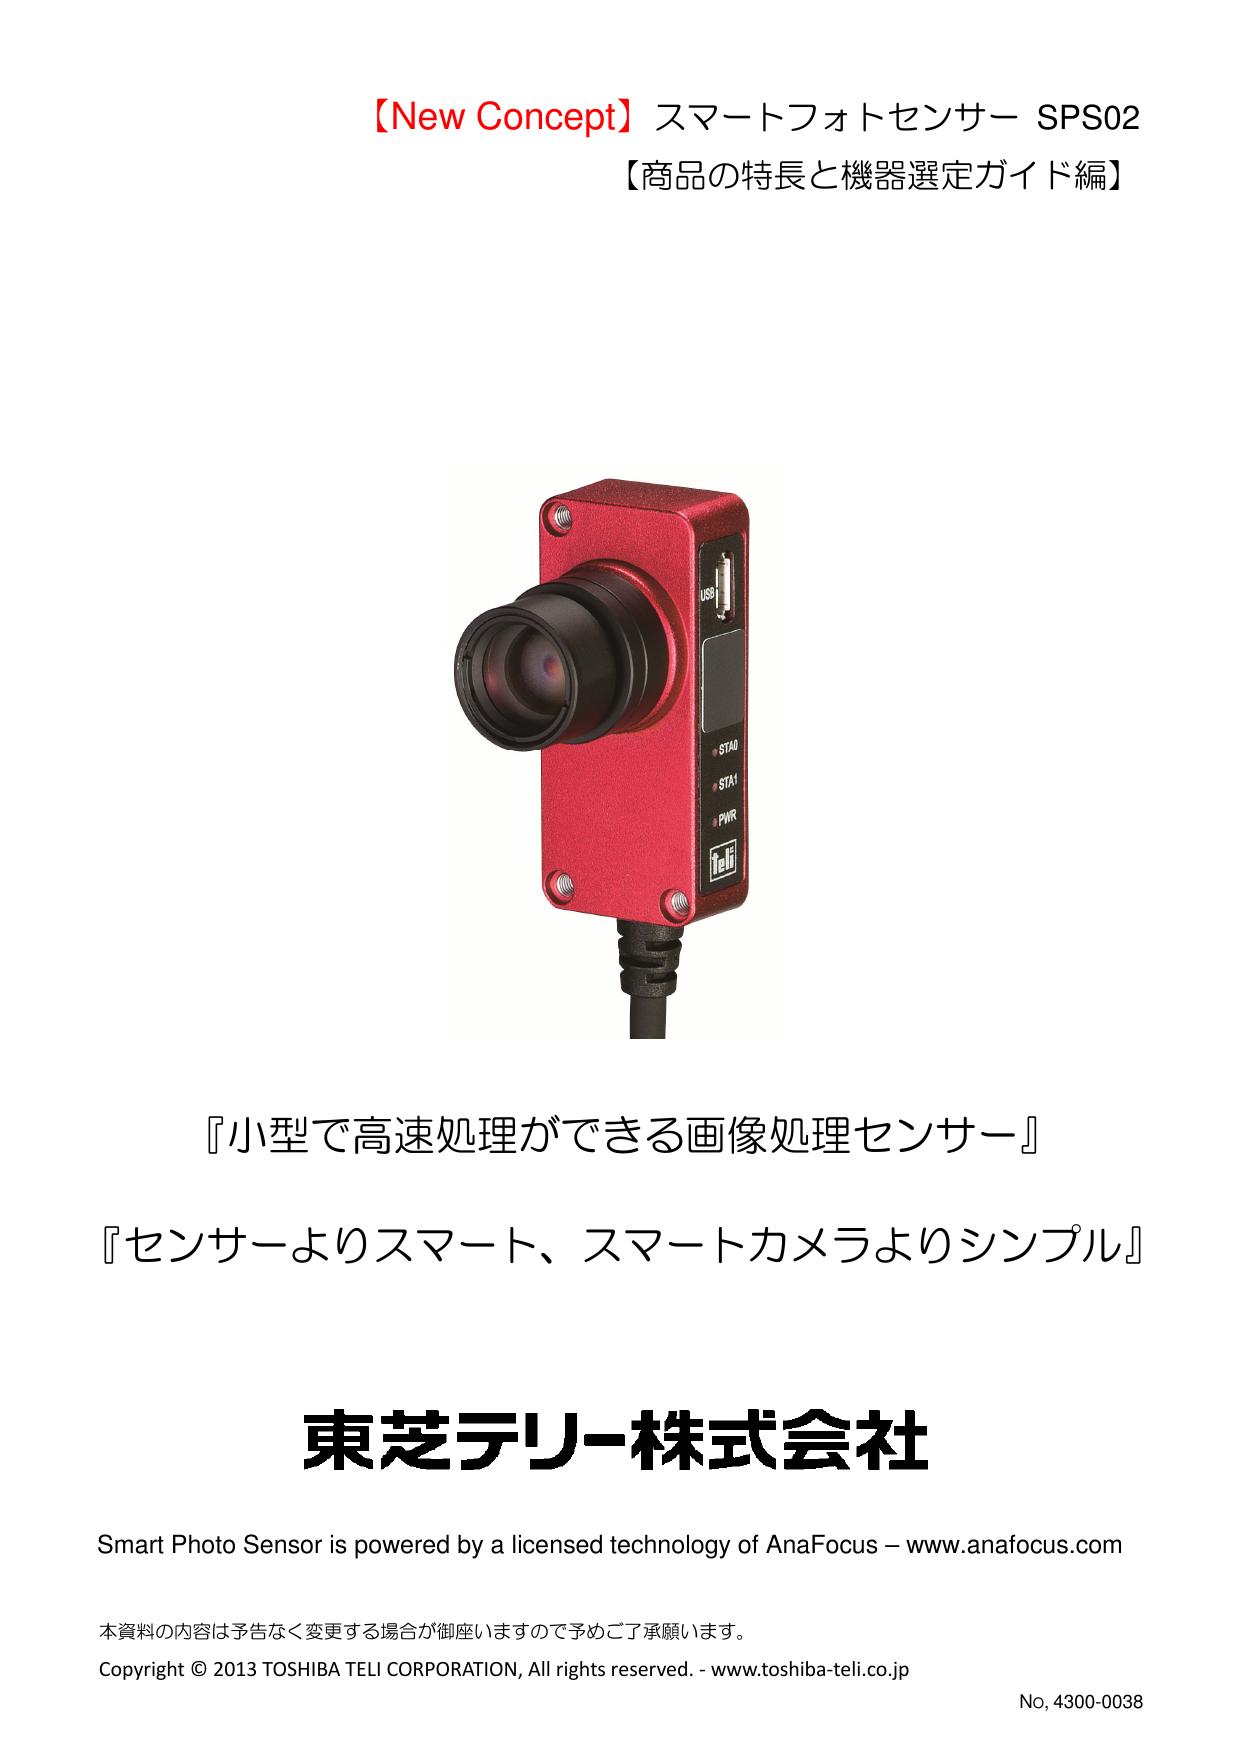 スマートフォトセンサー SPS02